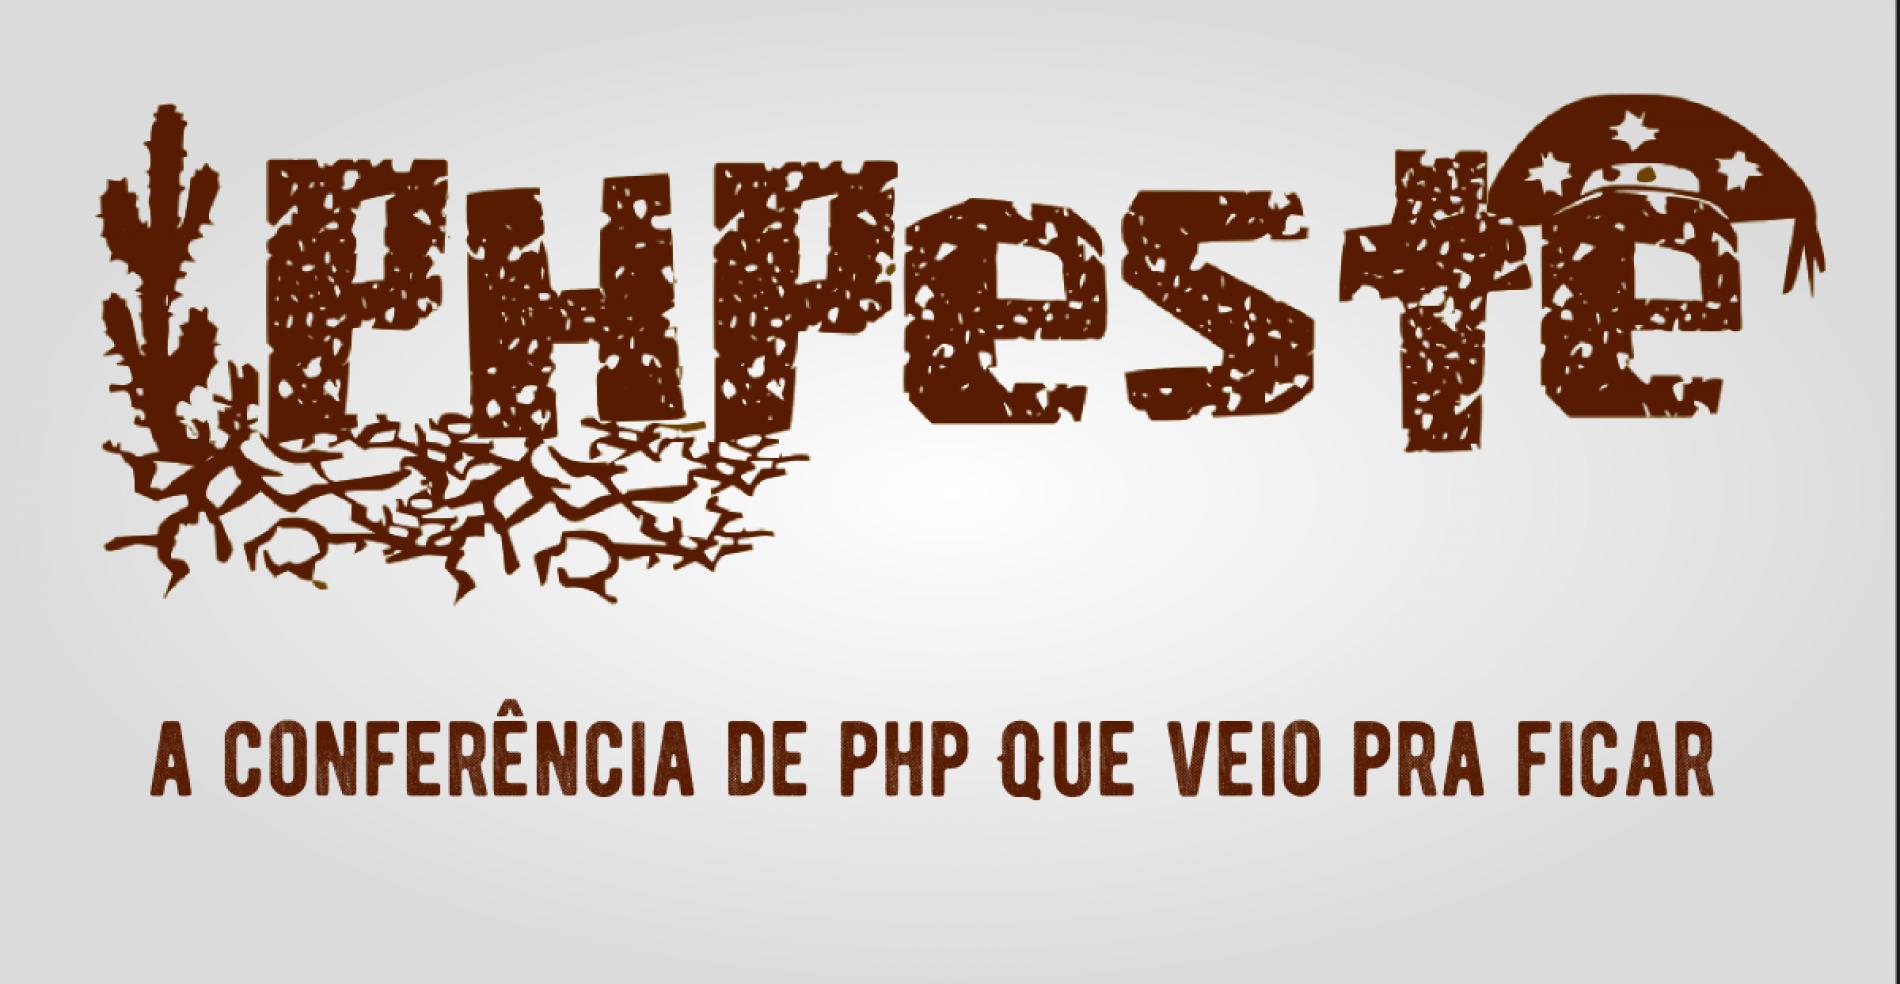 PHPeste evento que  visa reunir os desenvolvedores, estudantes, entusiastas de PHP